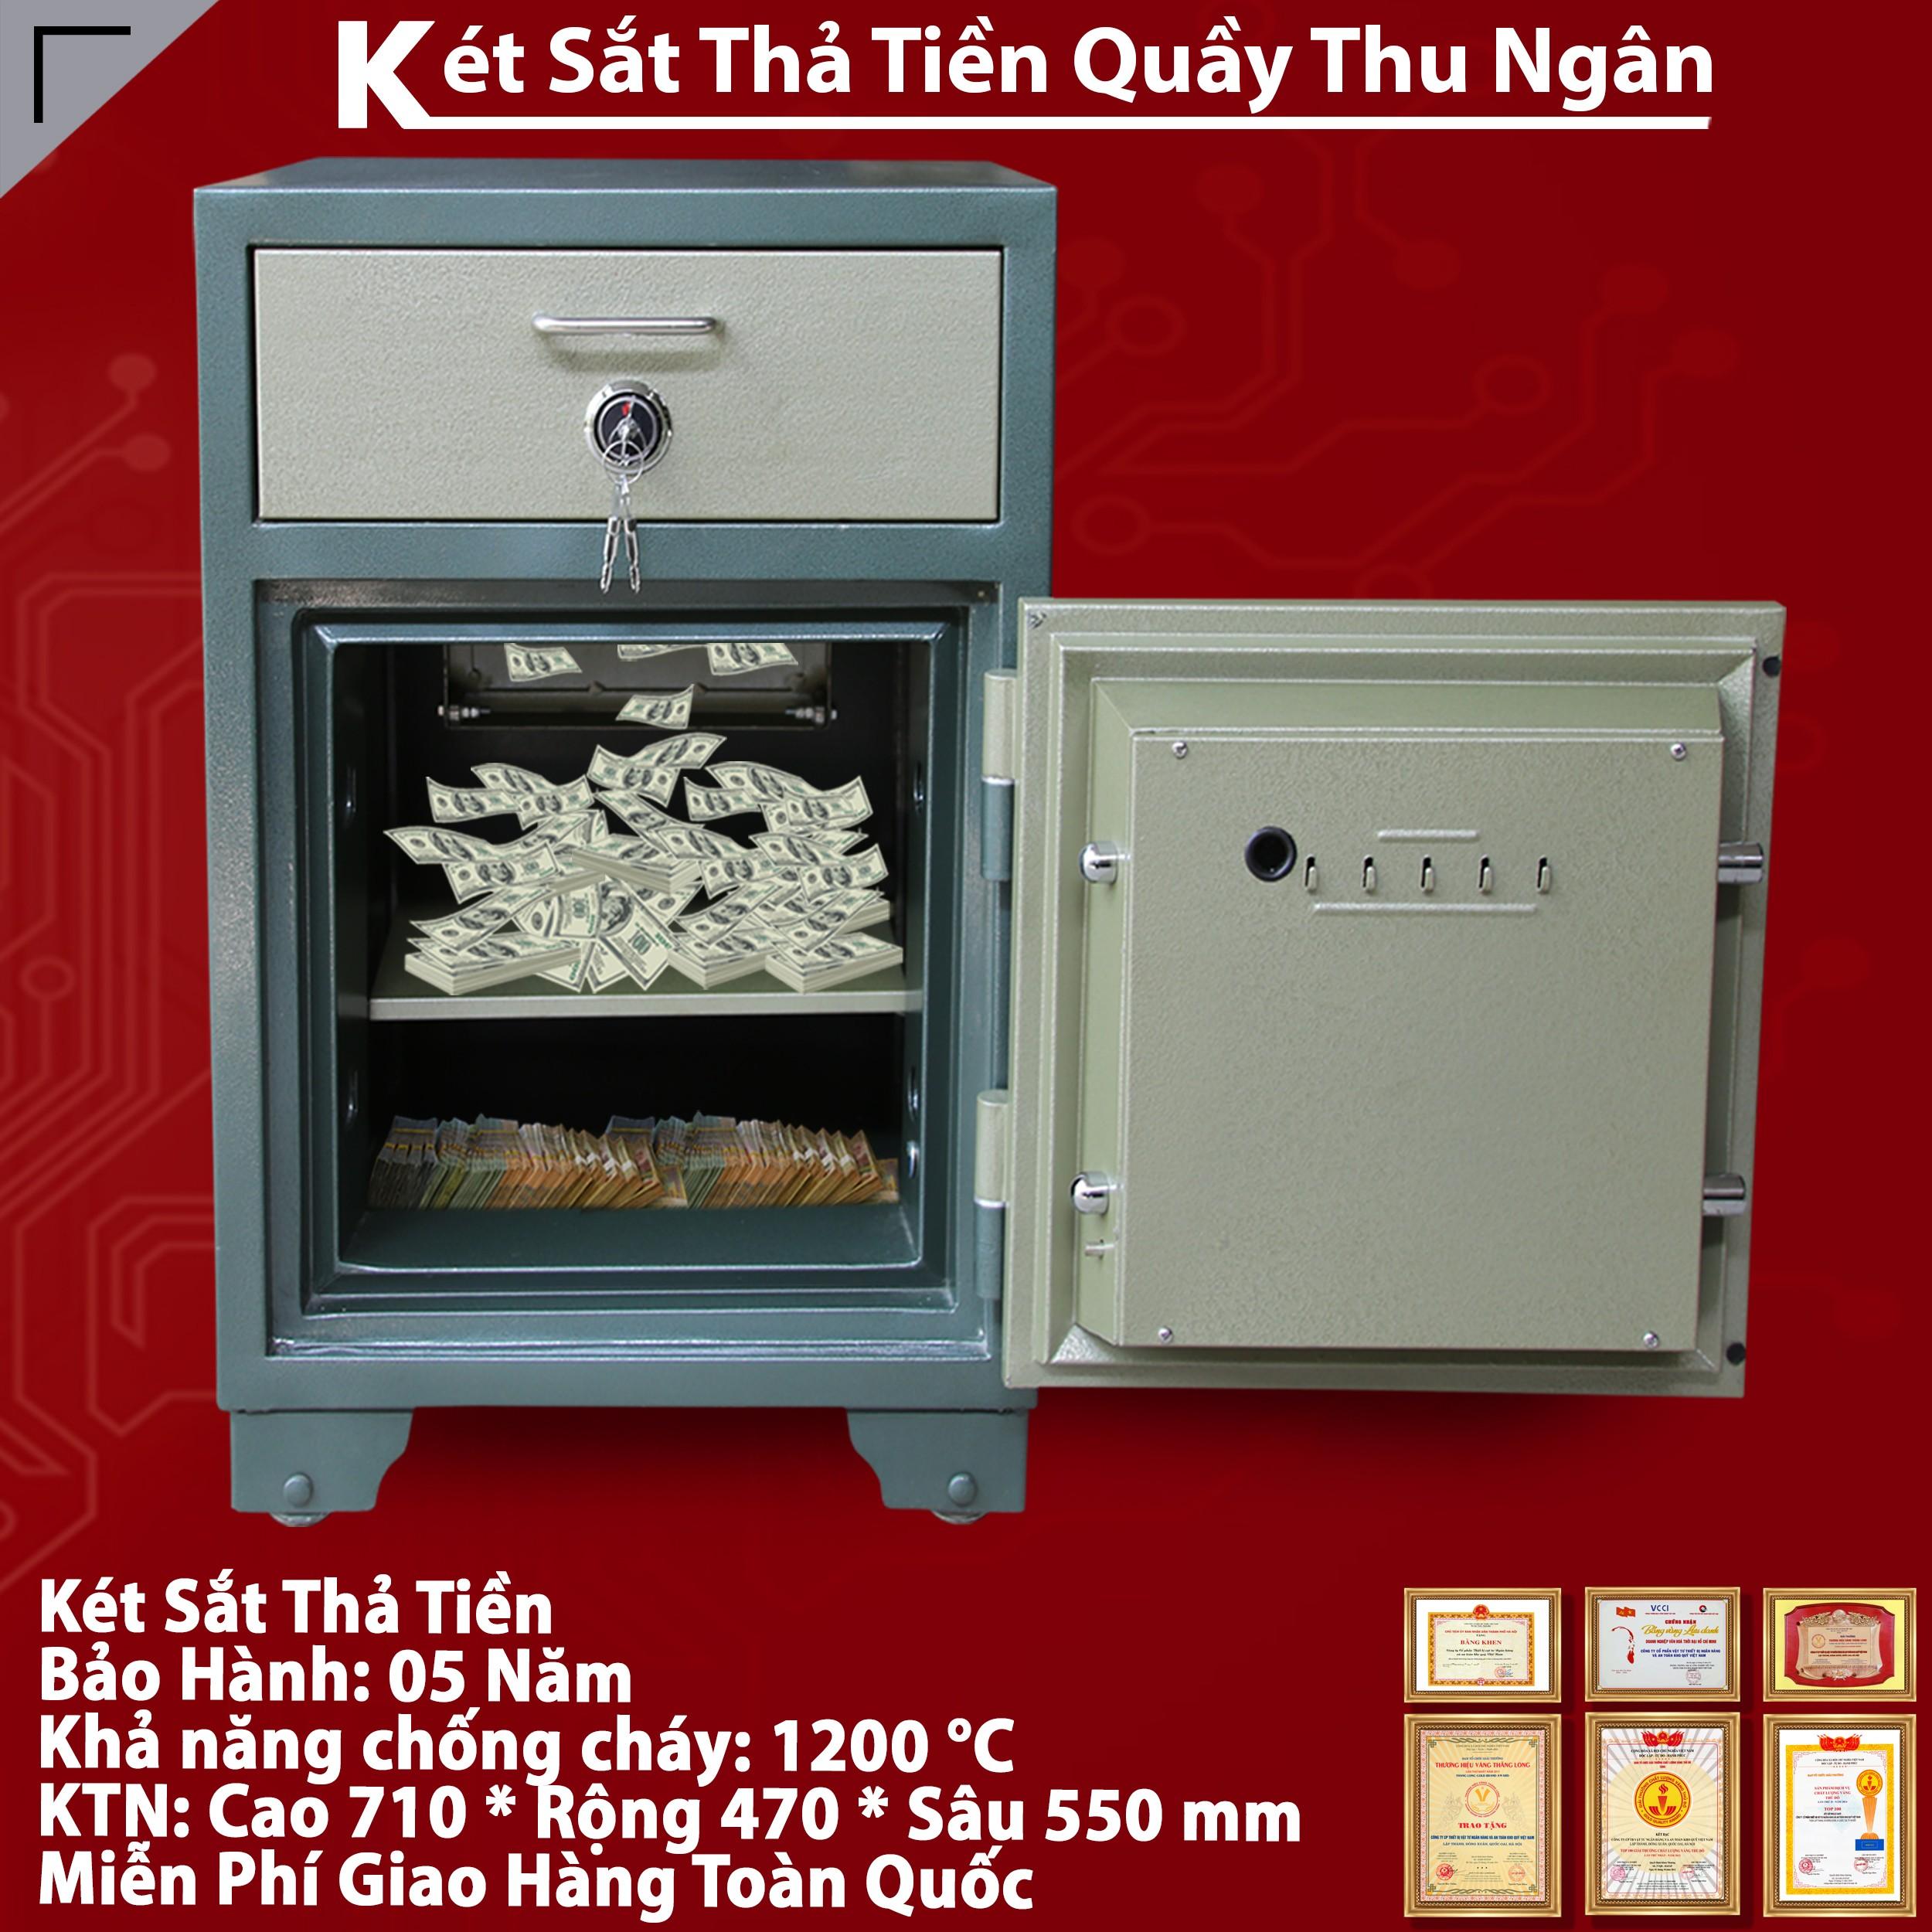 Ket Sat Tha Tien